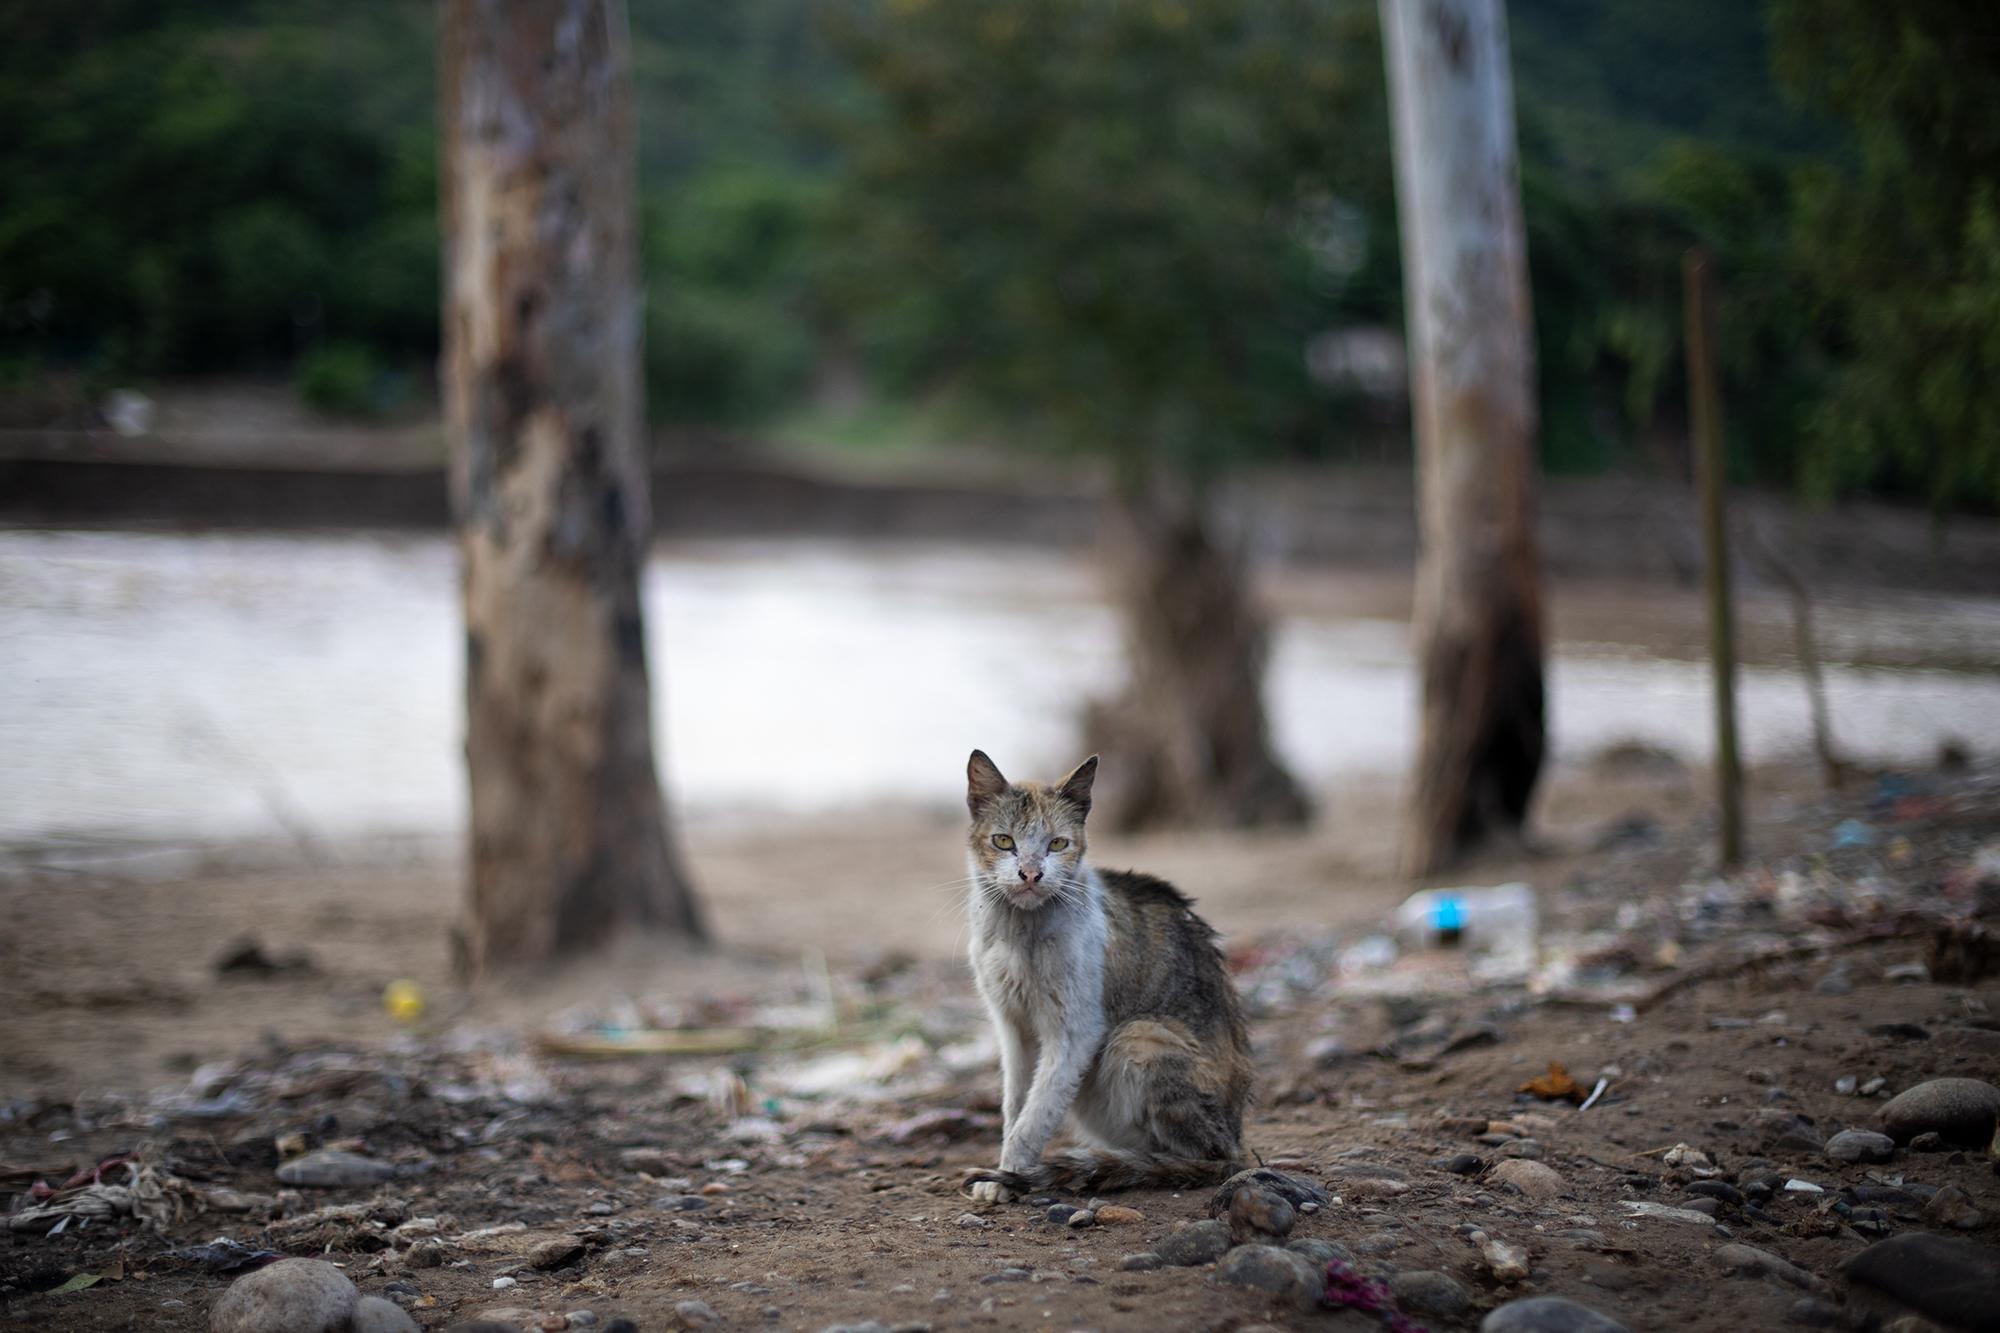 Animales como este gato fueron abandonados a su suerte durante las inundaciones en el sector de Chamelecón. San Pedro Sula, 20 de noviembre de 2020. Foto: Martín Cálix.